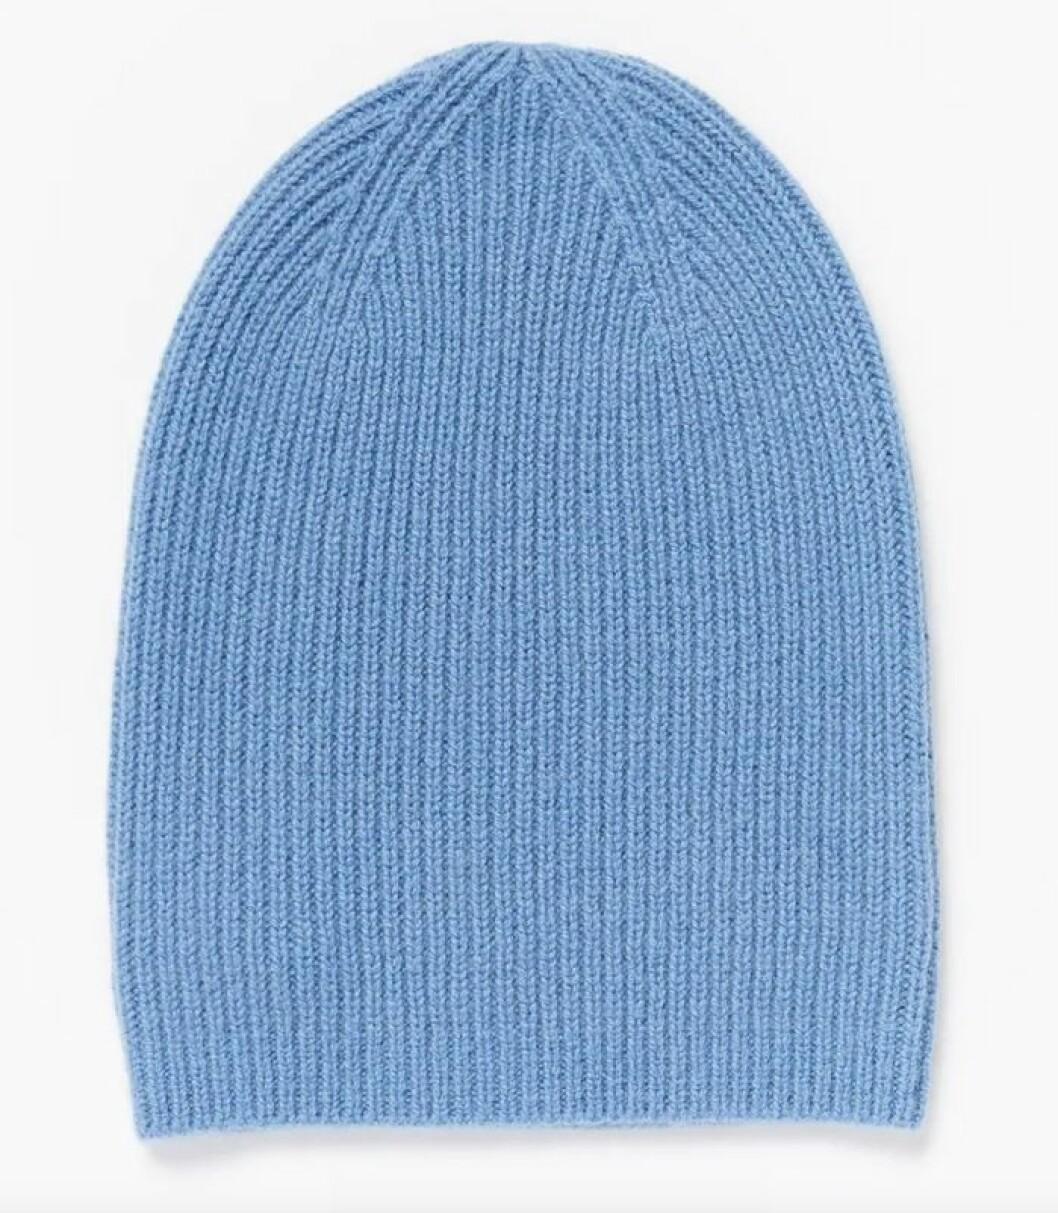 Blå mössa i kashmir